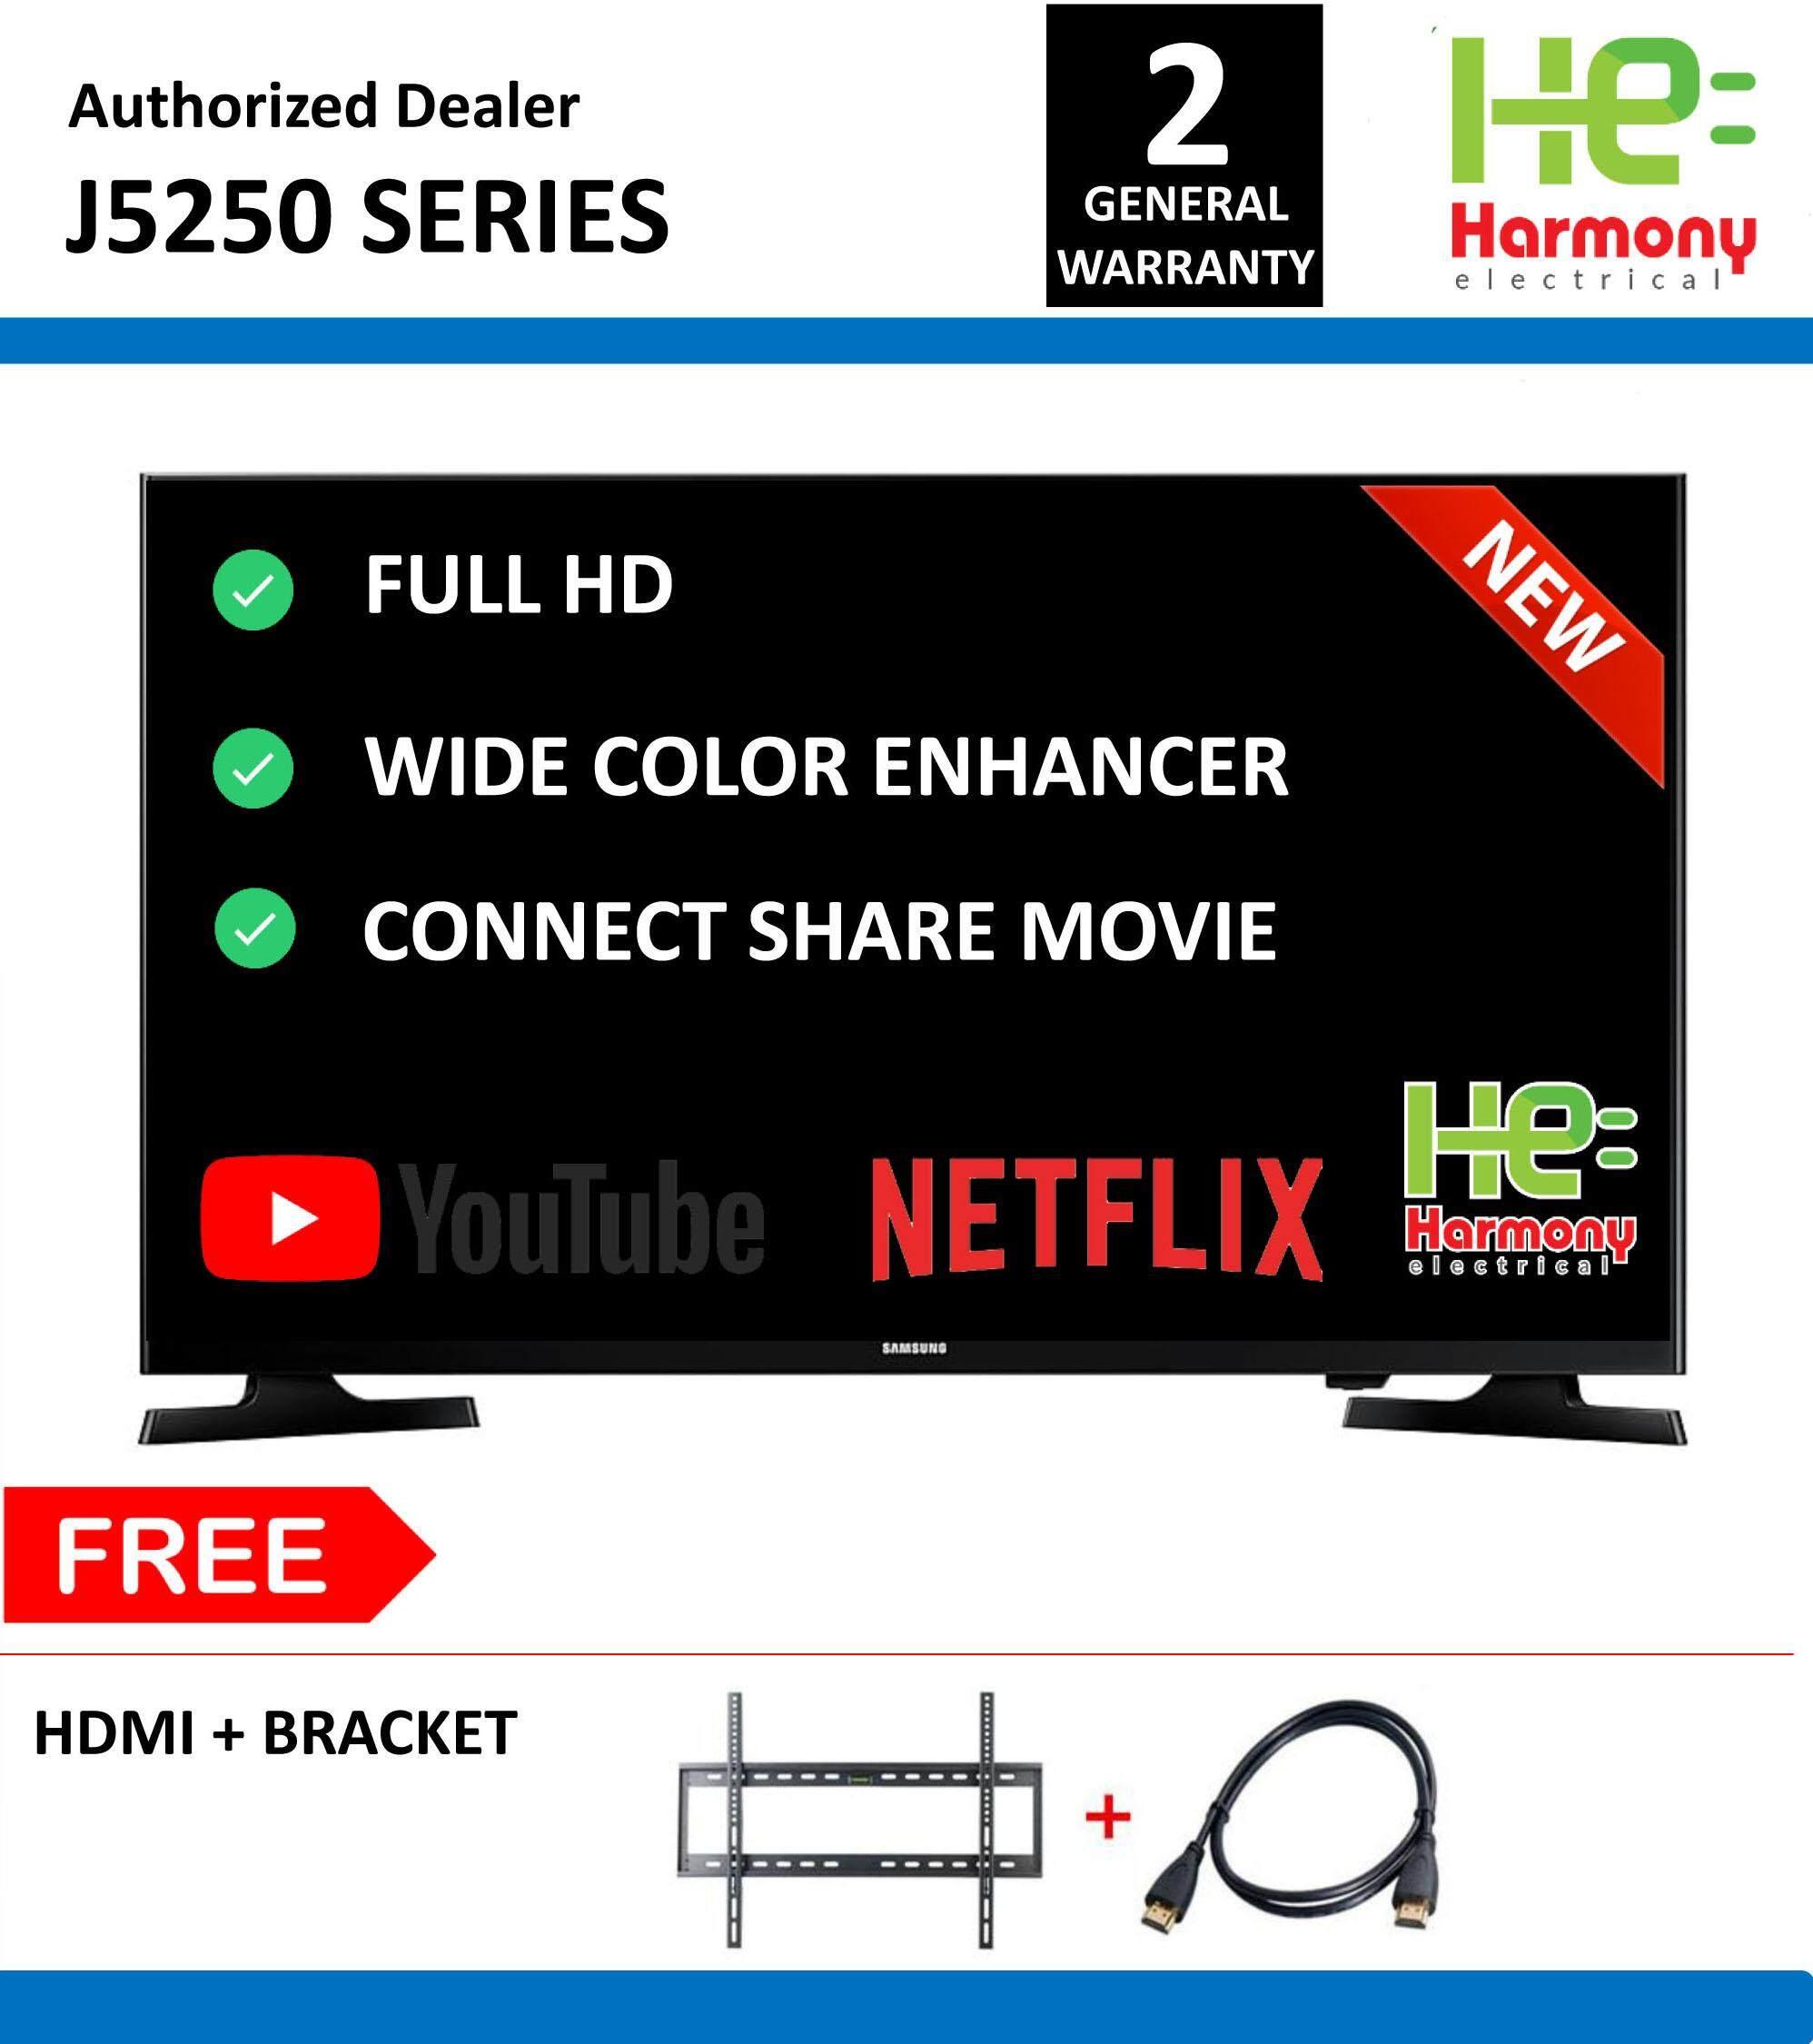 Samsung 40 J5250 Smart Full HD TV UA40J5250DKXXM + Free HDMI + Bracket